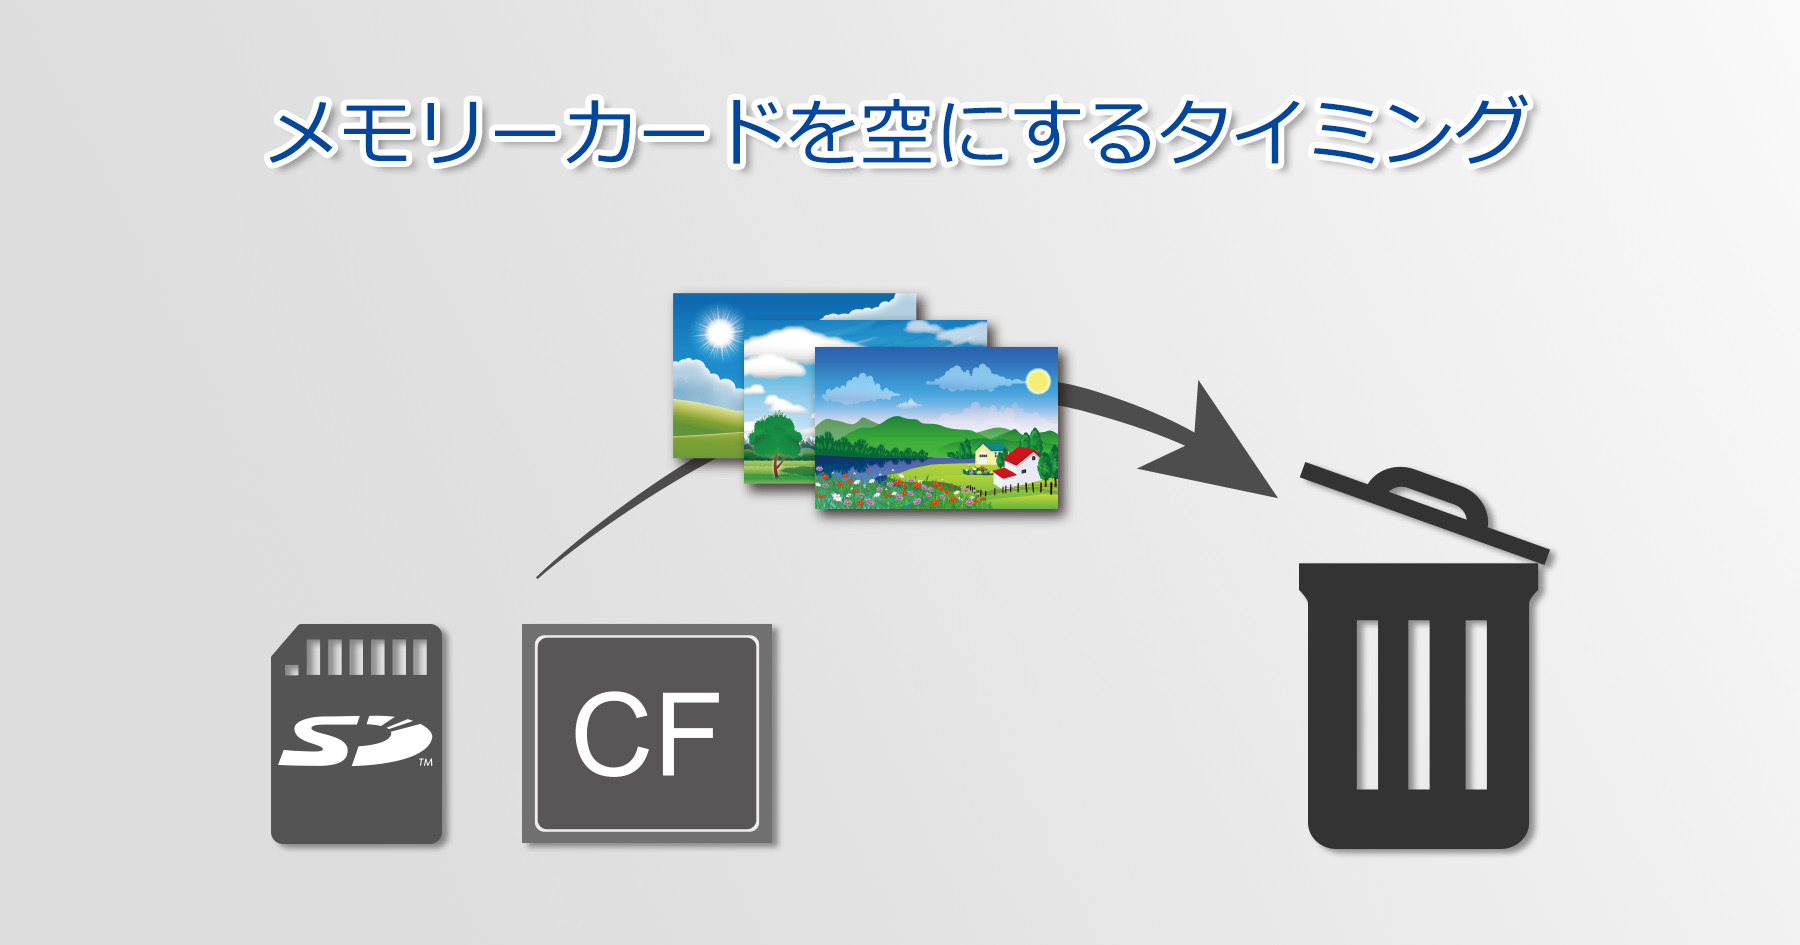 メモリーカードを空にするタイミング-Main